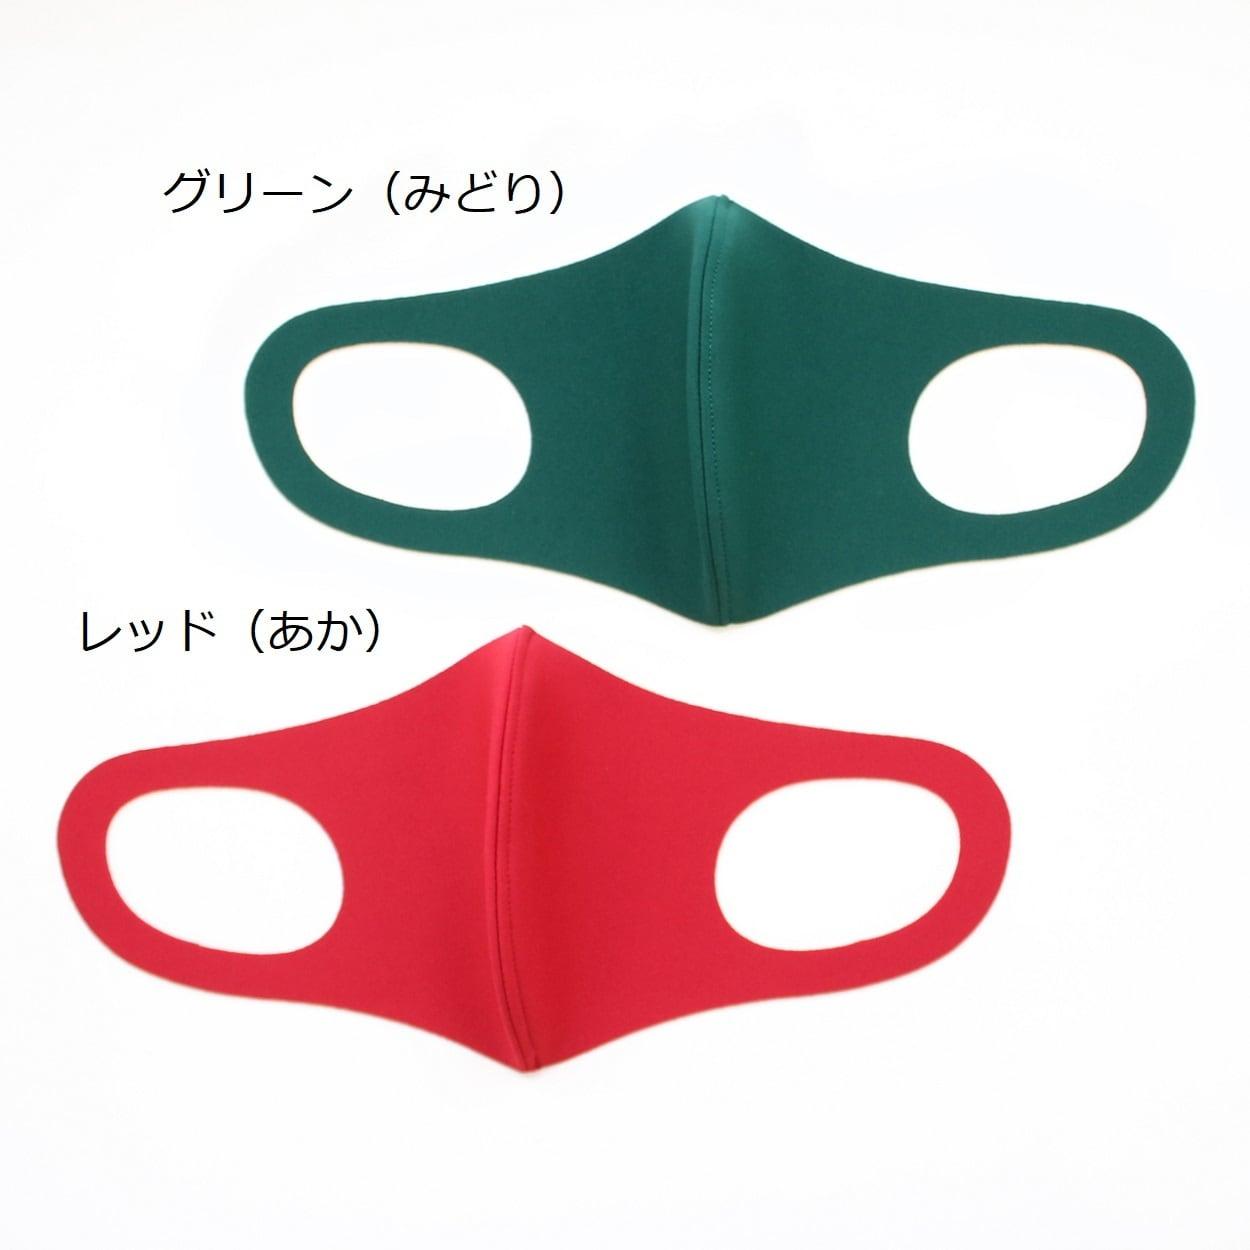 「ぷるピッタ」®カラーマスク S・R・SSサイズ-同色2枚入り【日本製】数量限定